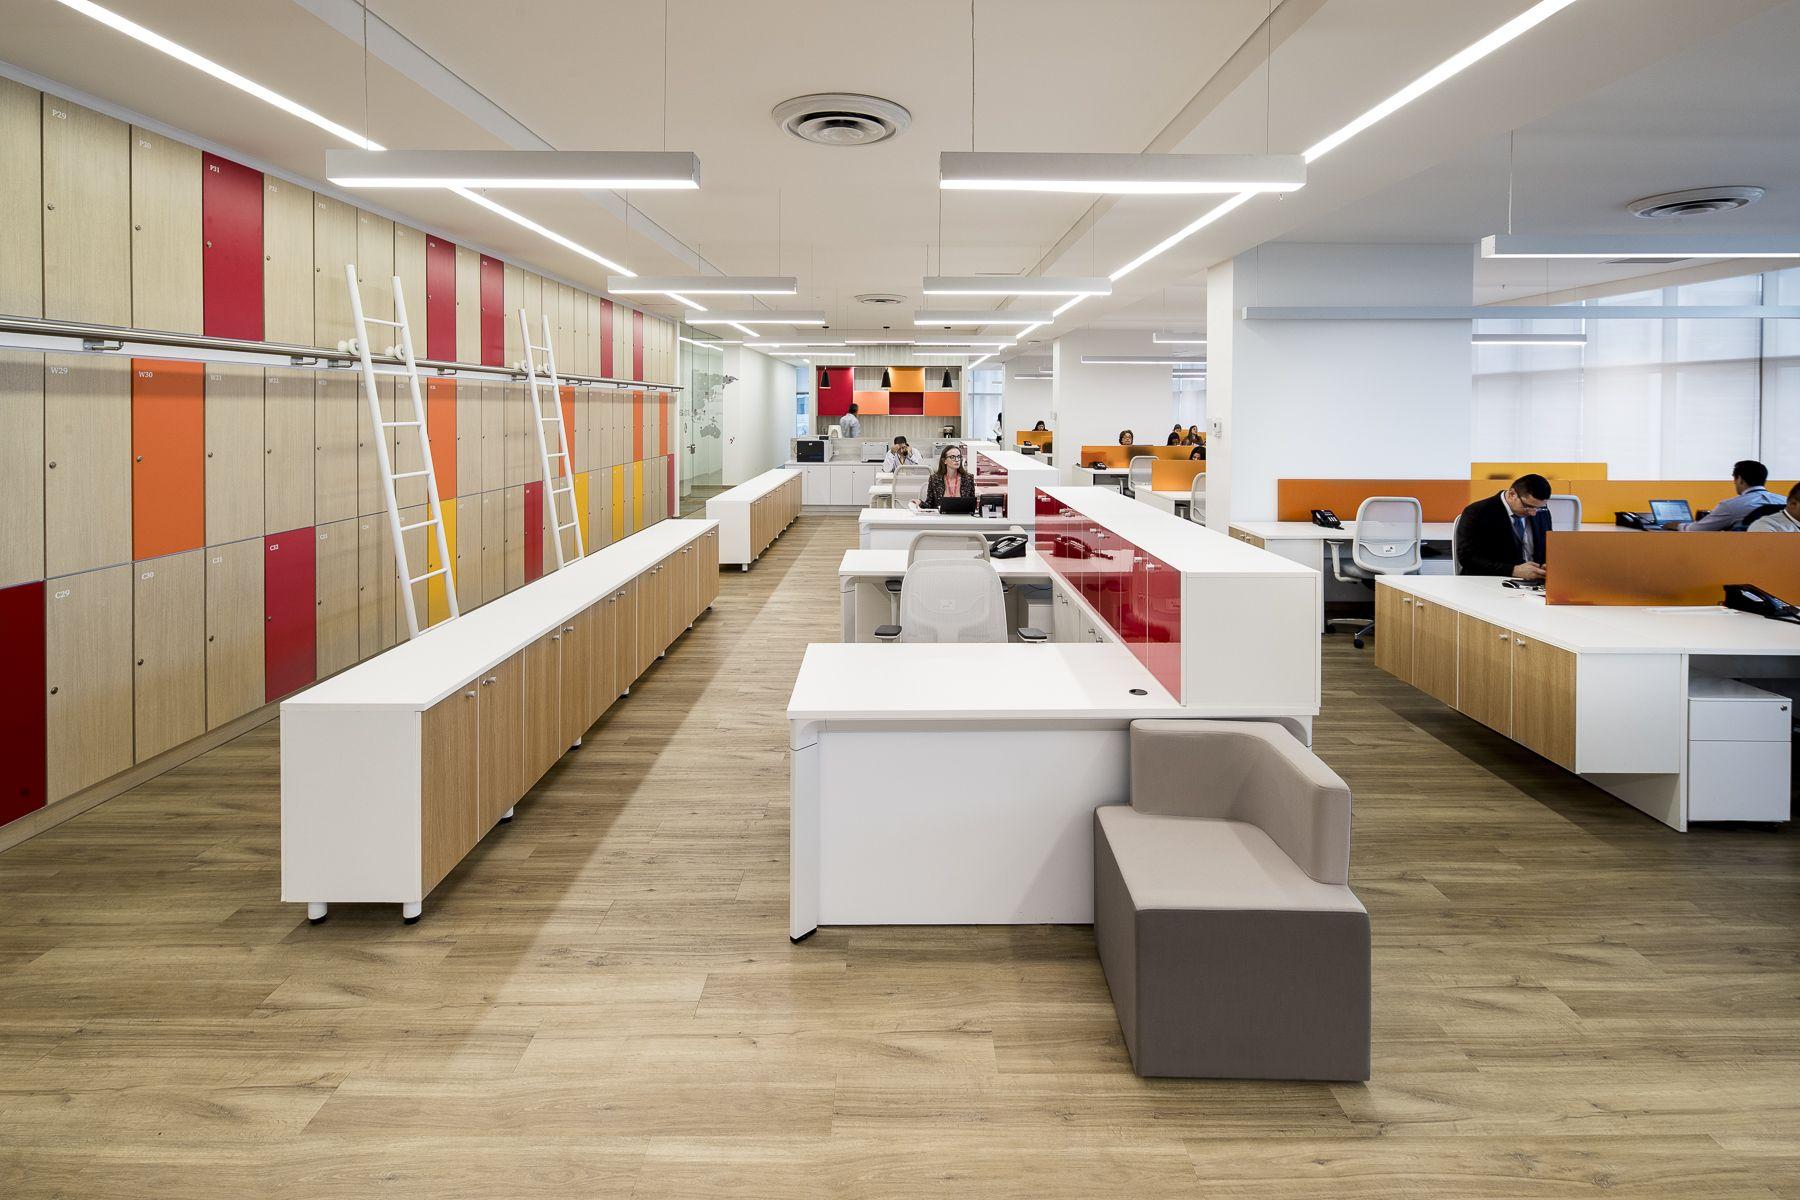 Oficinas de pwc panam dise o y construcci n arquitectura - Arquitectos de interiores ...